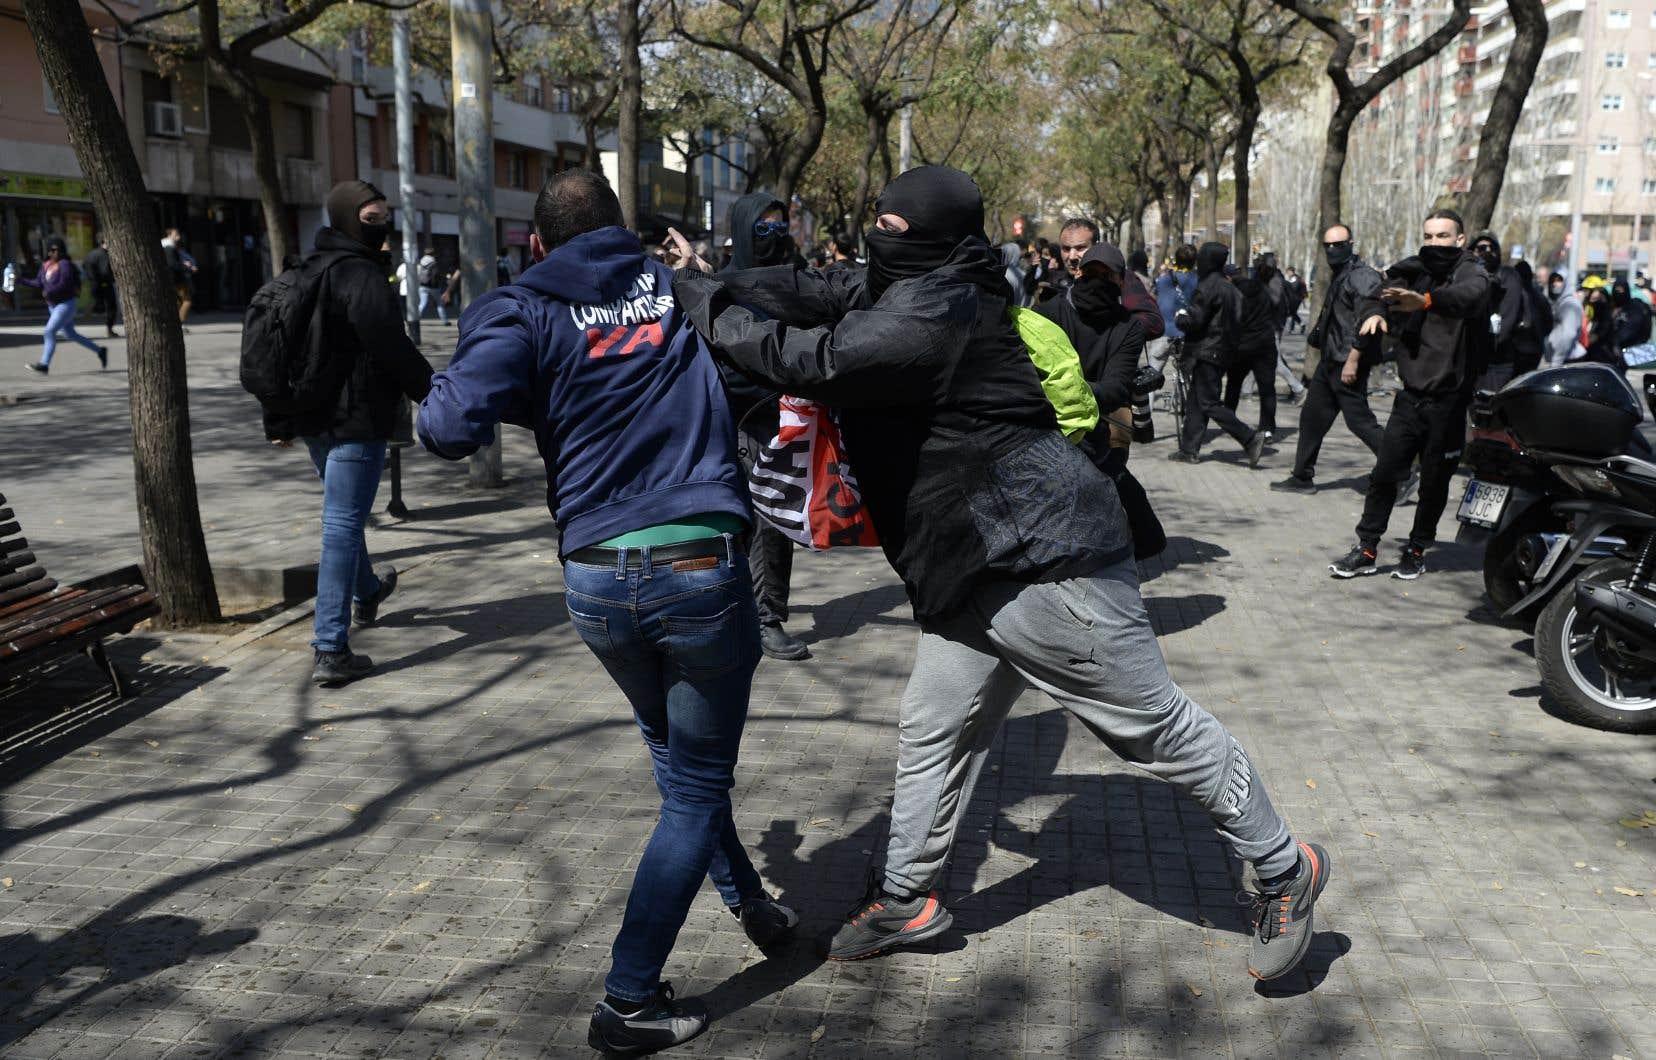 Plusieurs groupes indépendantistes radicaux avaient appeléà manifester autour du rassemblement de Vox, pour «protester contre le fascisme».